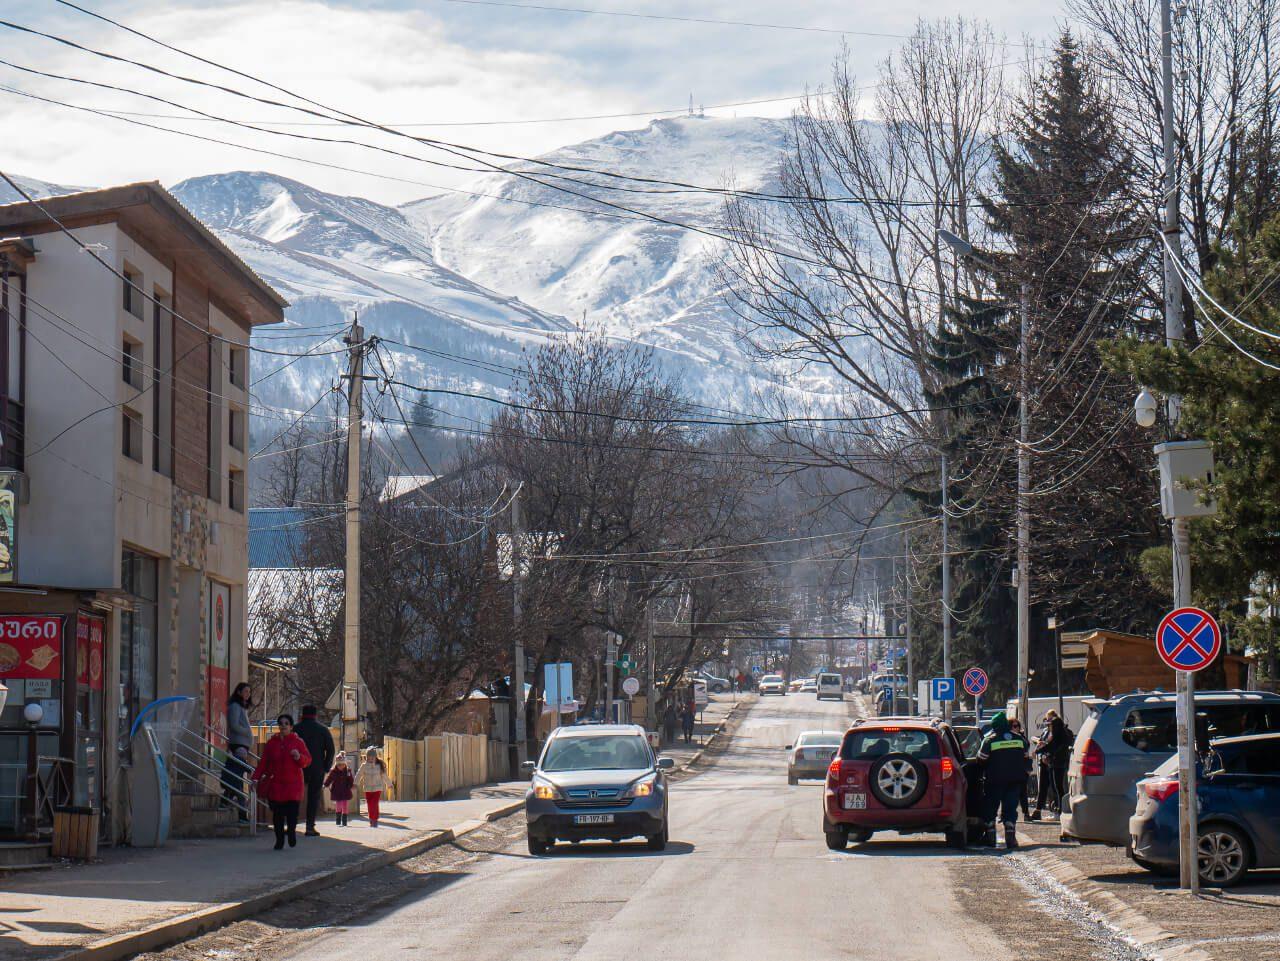 Bakuriani zimowa stolica Gruzji